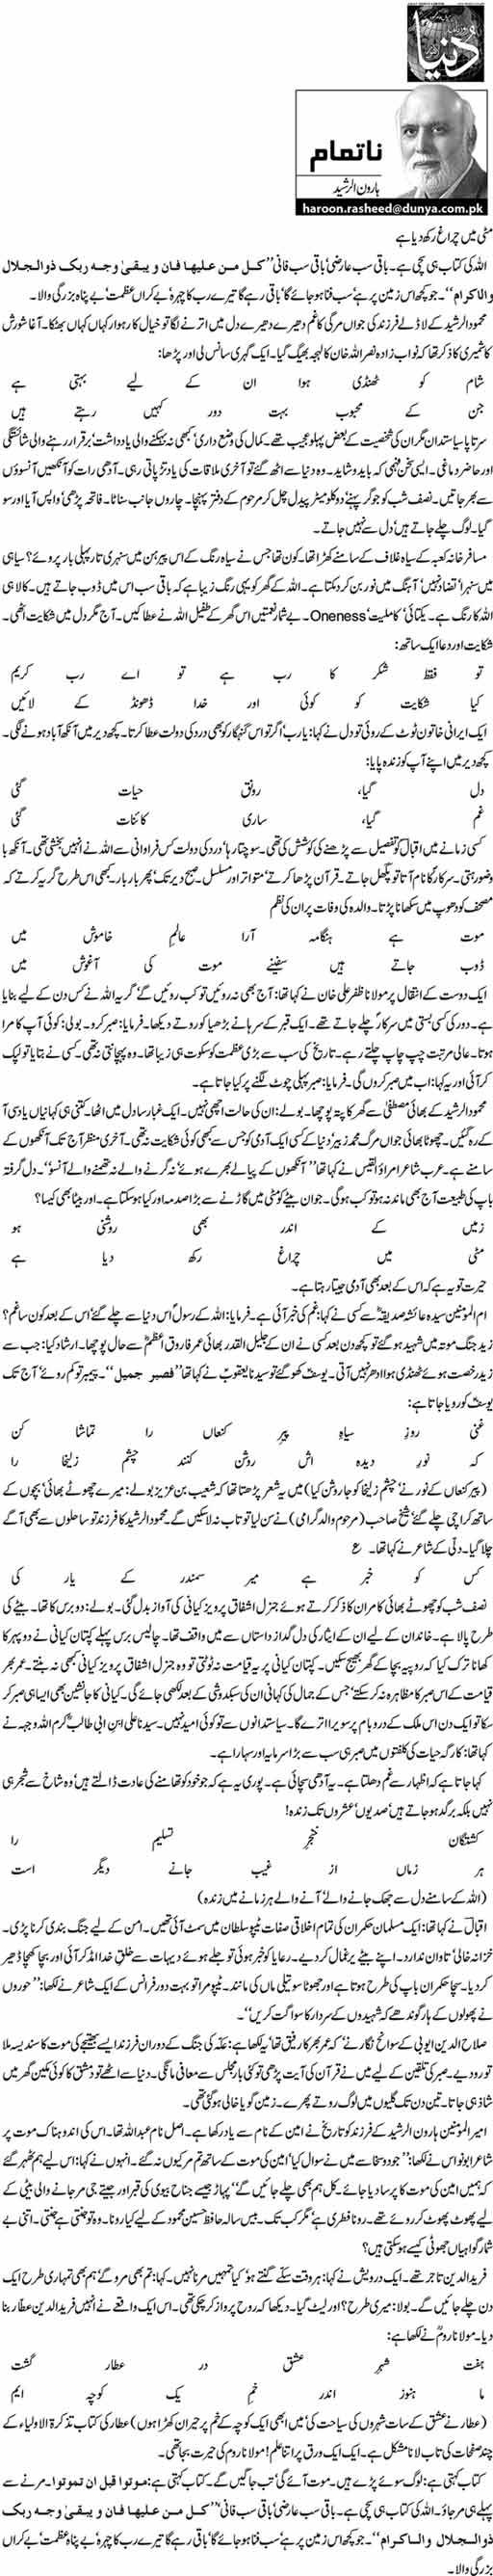 Matti Main Charagh Rakh Diya Hai - Haroon-ur-Rasheed